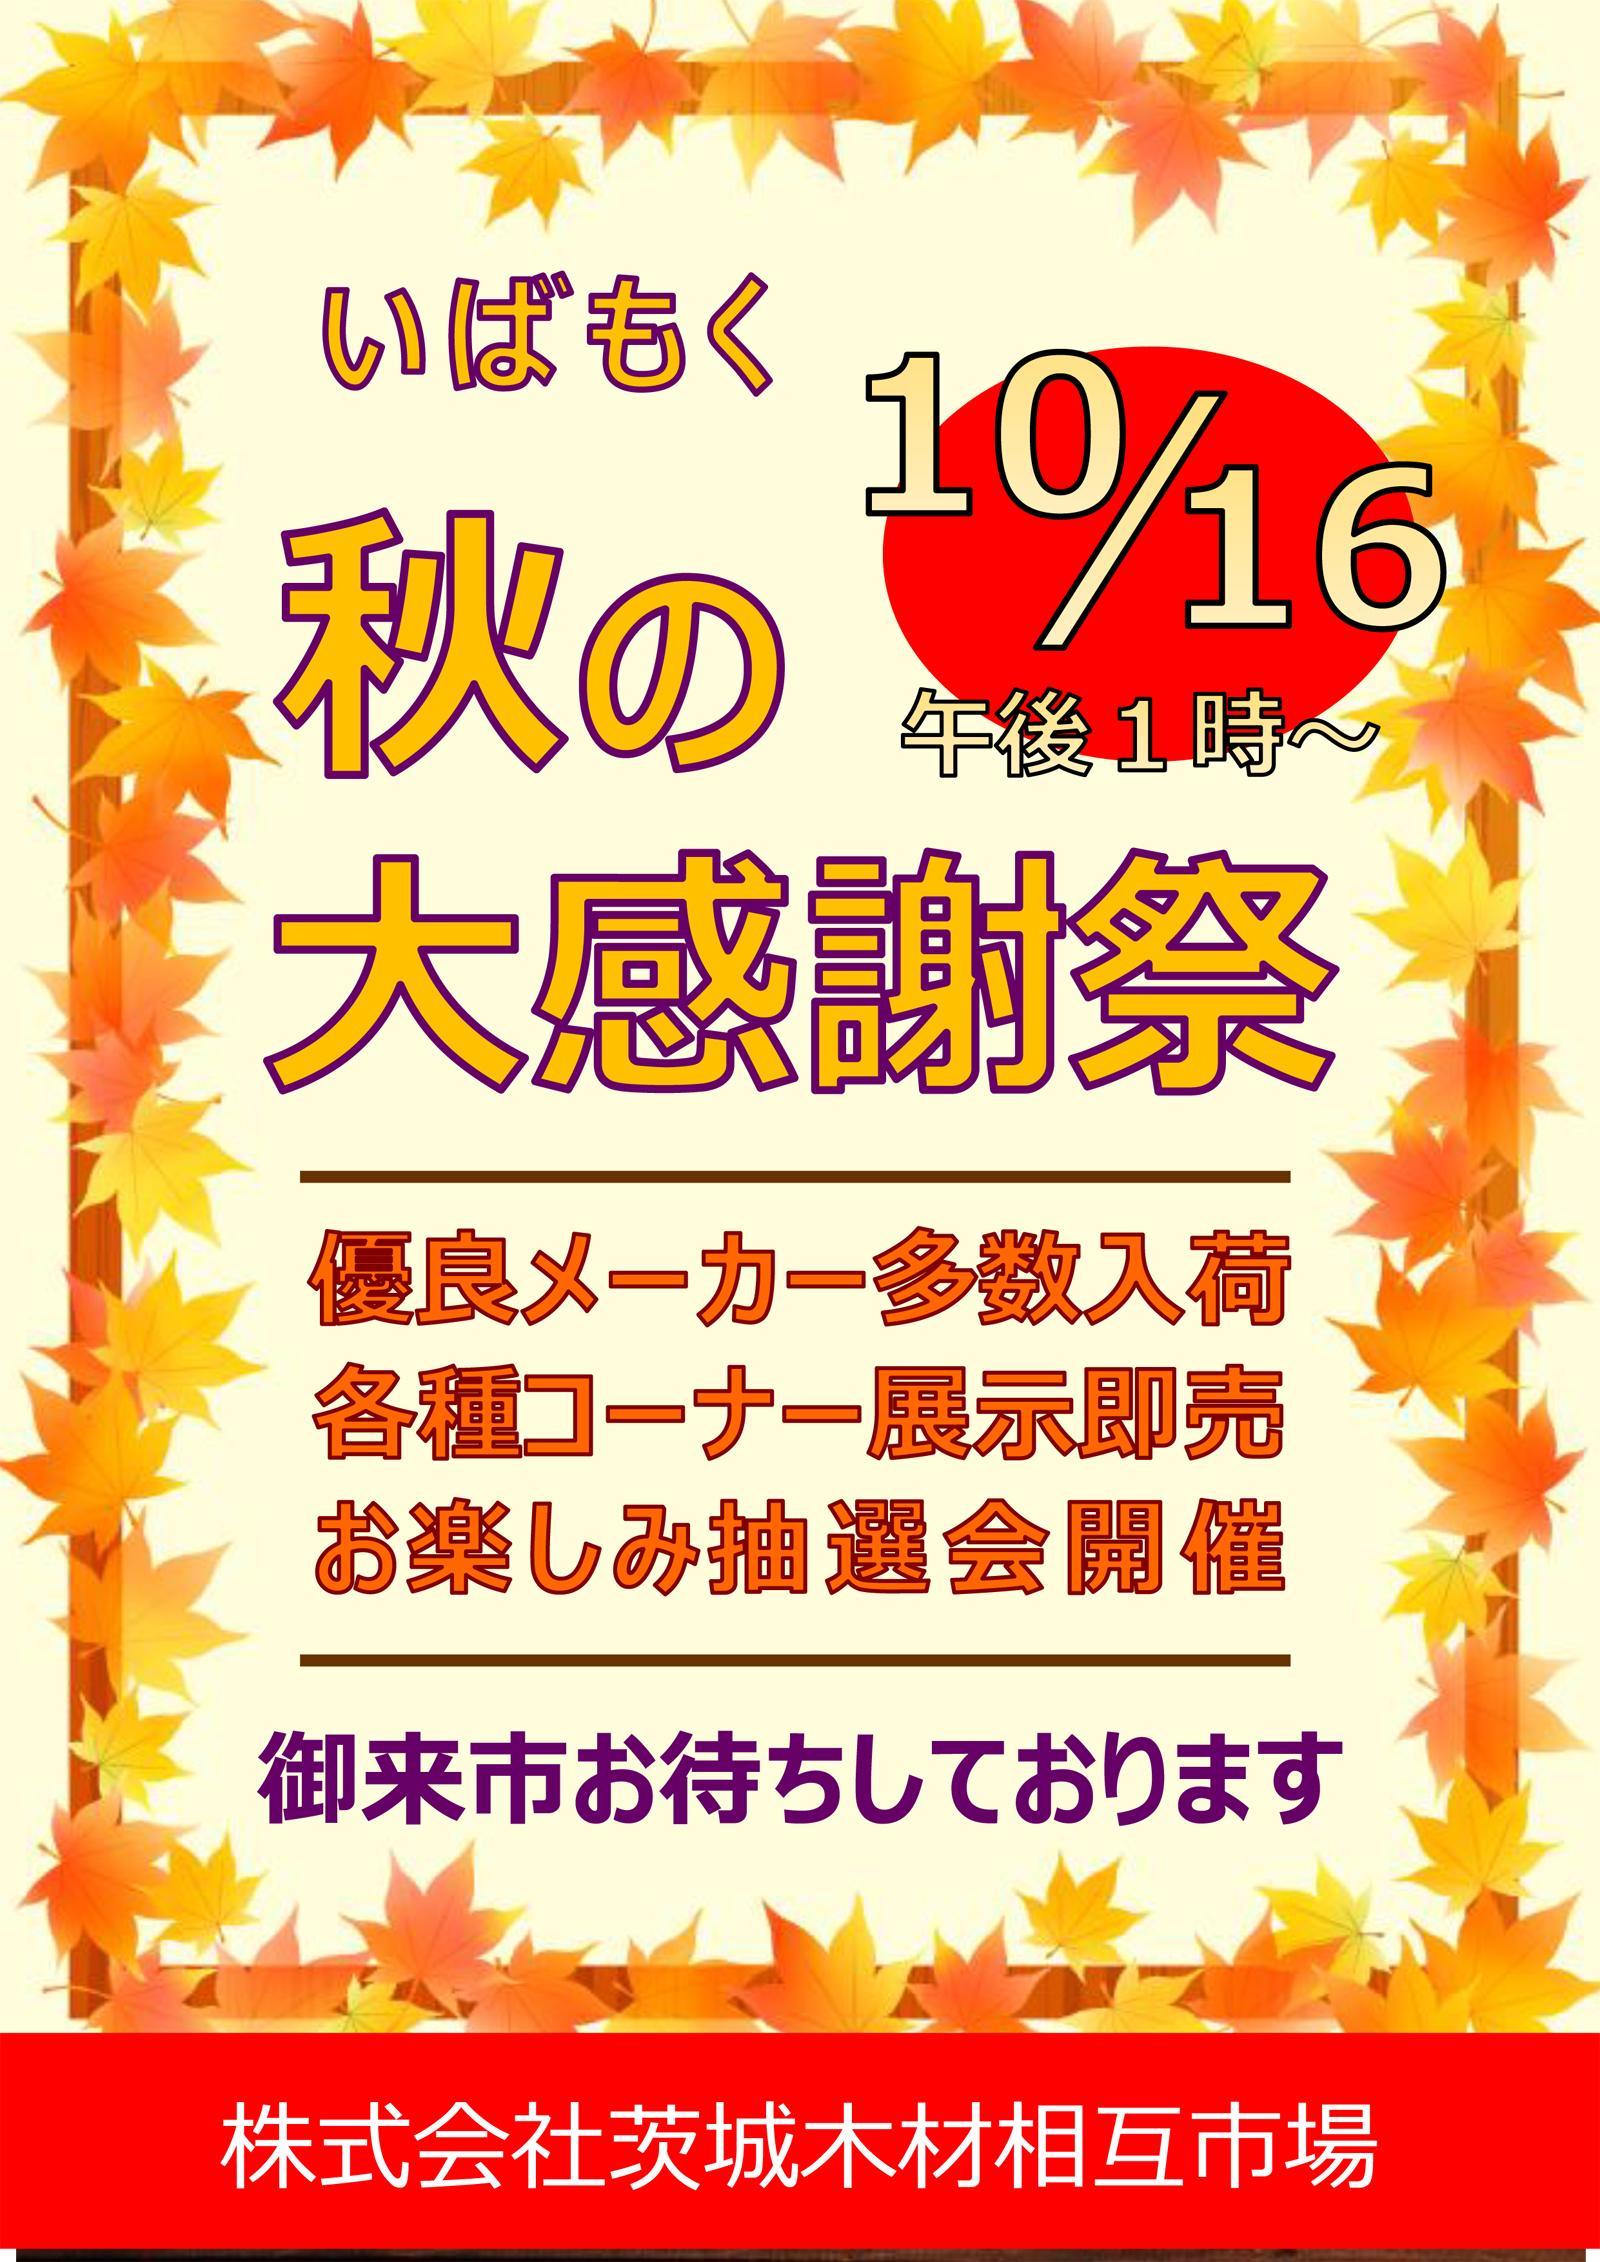 次回の記念市「秋の大感謝祭」のお知らせ